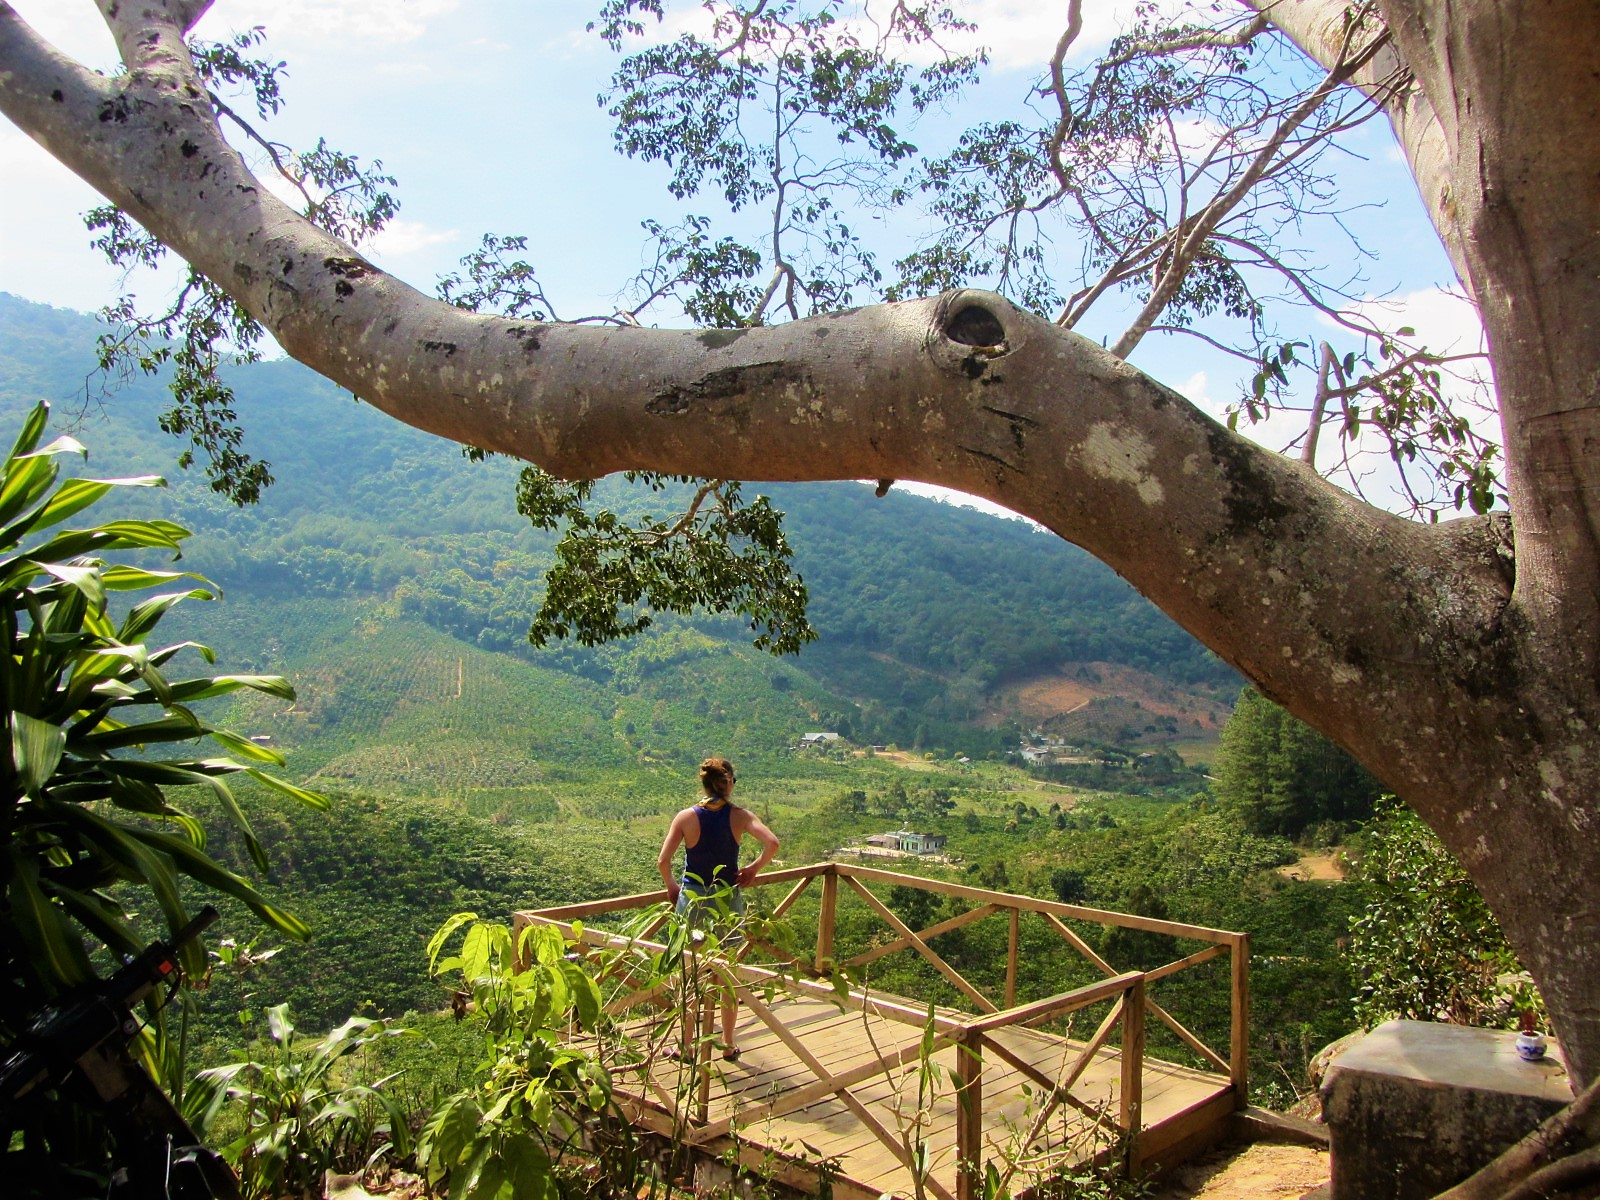 Standing beneath a banyan tree, Central Highlands, Vietnam